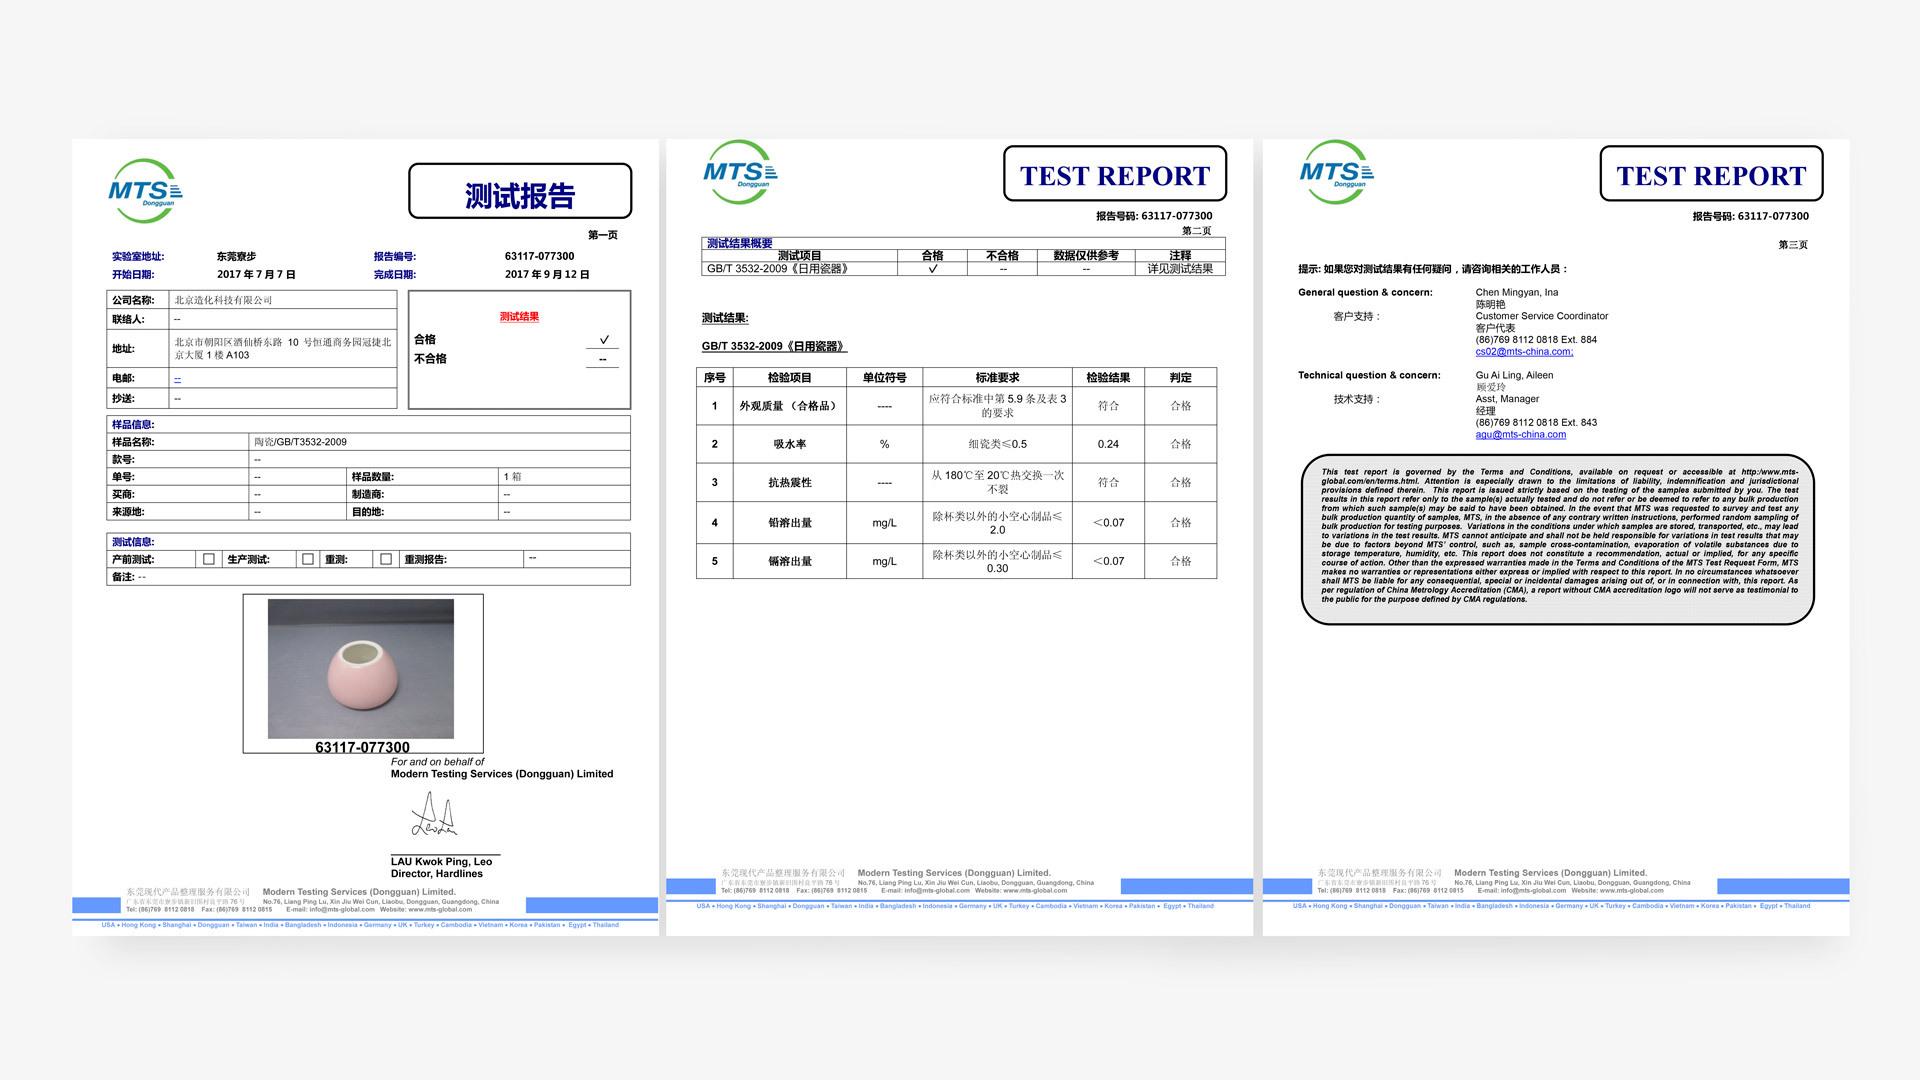 造作选用优质强化瓷,经由权威机构检测认证,检测证实铅溶出量、镉溶出量、抗震能力等检测结果数值均在安全标准值范围内,满足环保安全的使用要求。